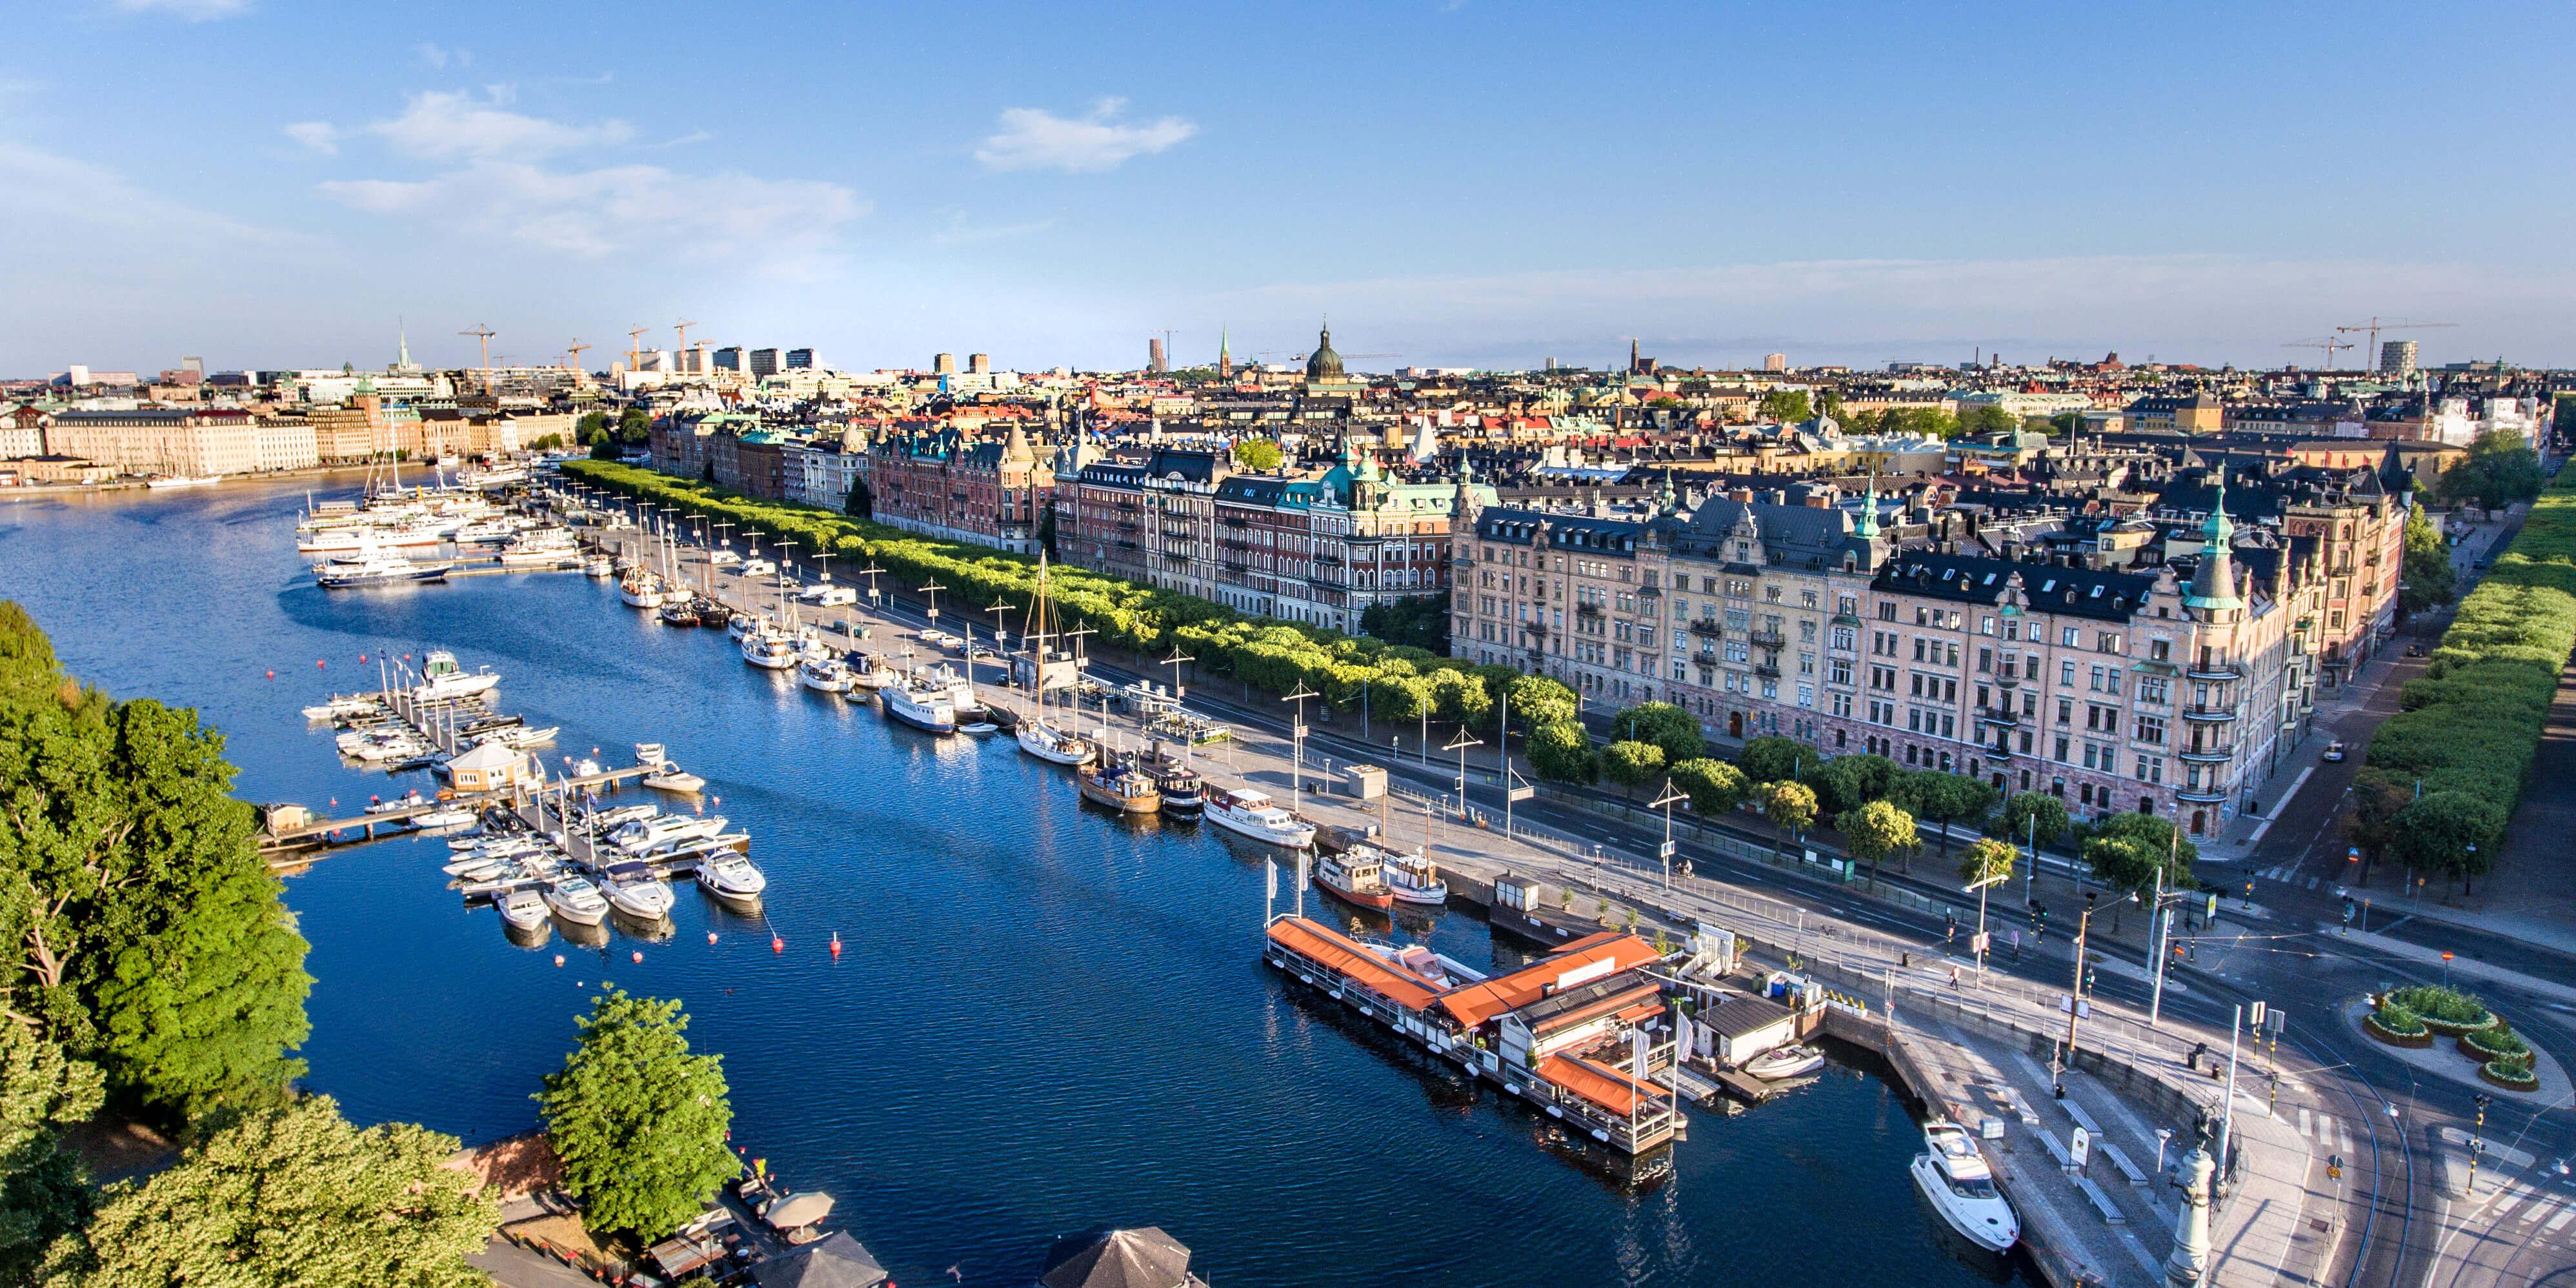 schaebens-schöne-urlaubsziele-travel-blogger-stockholm